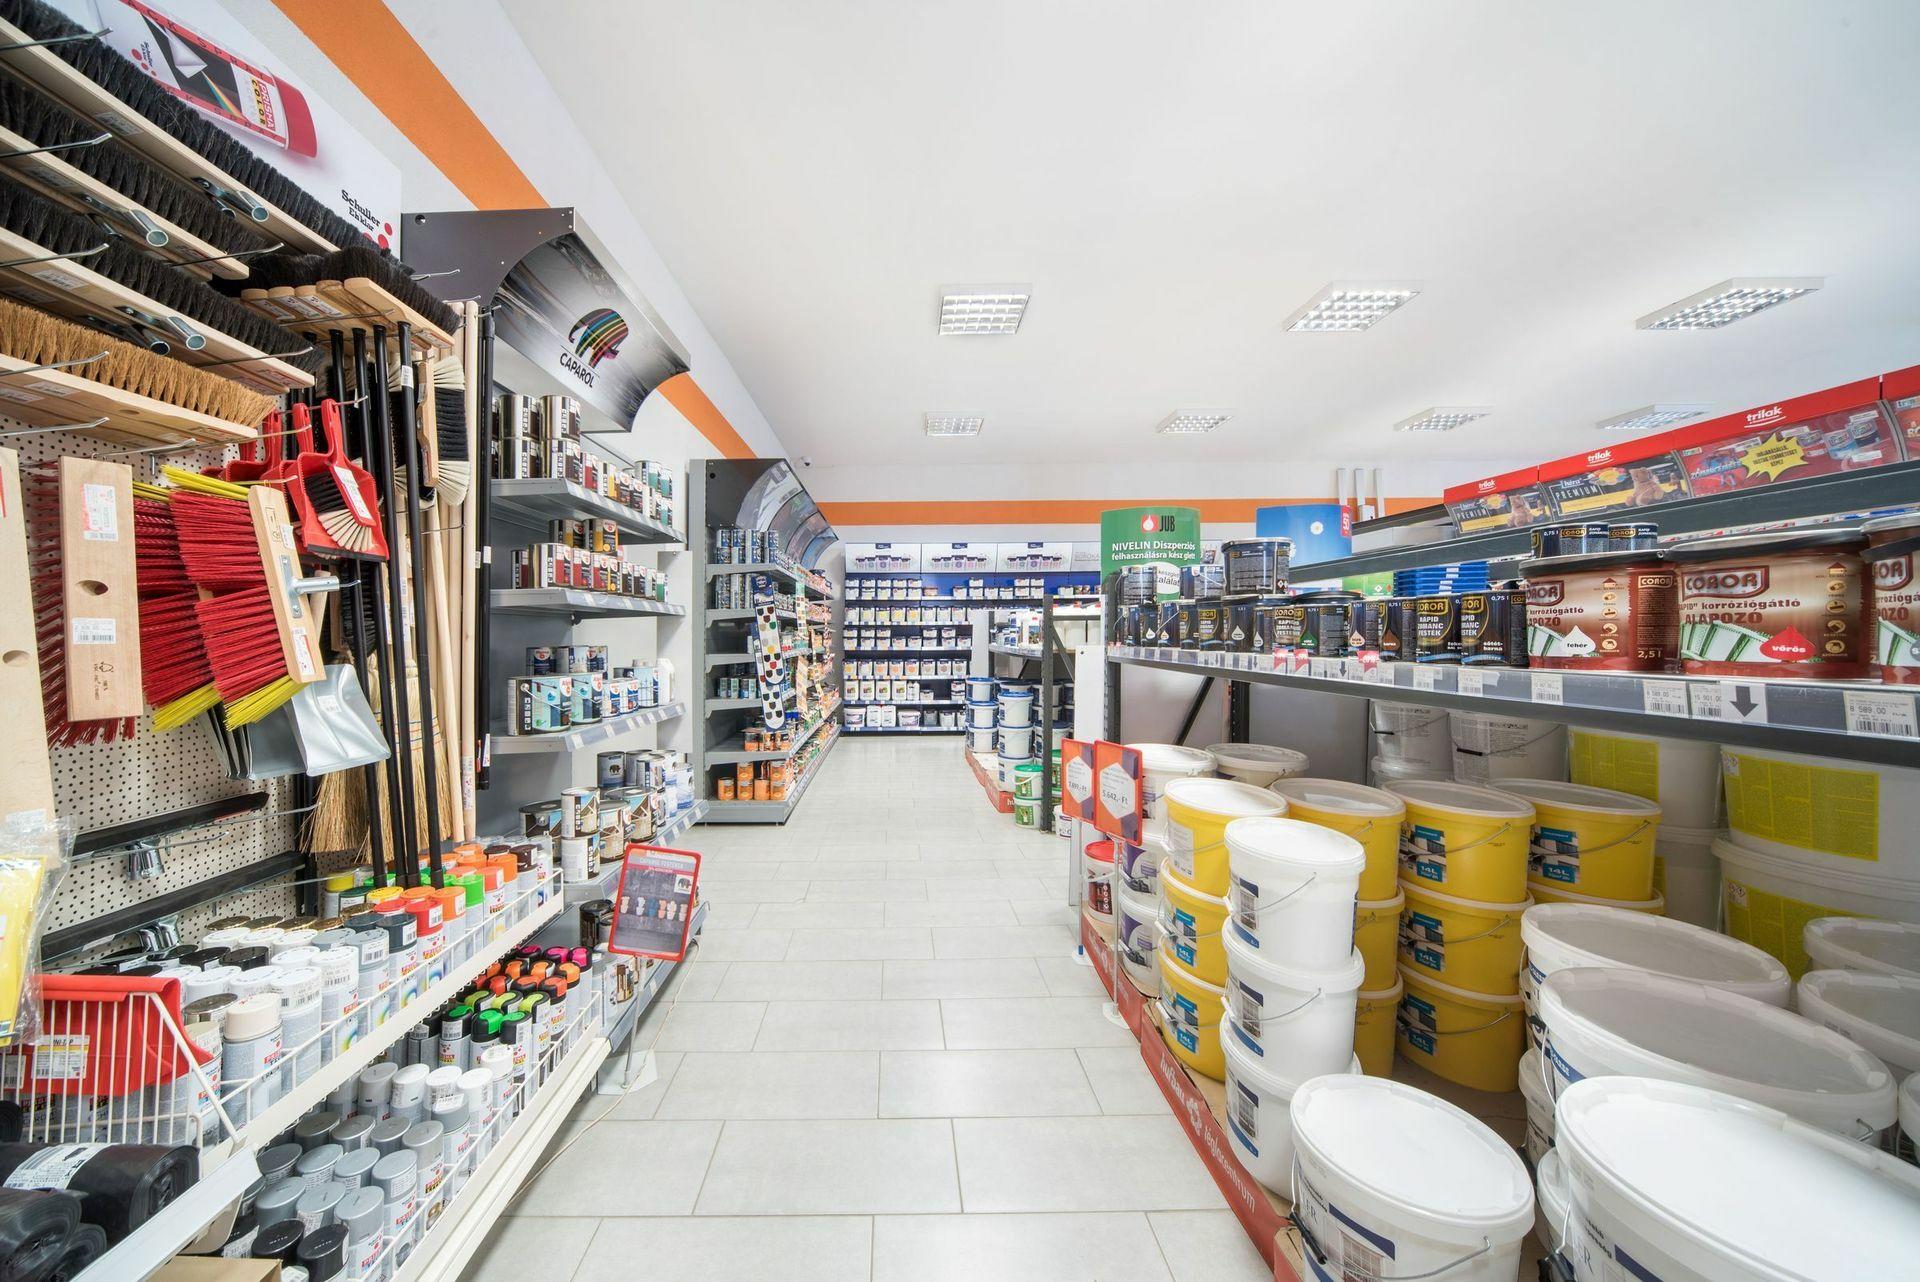 Barkács- és festékáruház - Festékek, alapozók, lakkok, lazúrok, fúgázók, festő- és munkavédelmi eszközök, kiegészítők és szerszámok széles választékban.